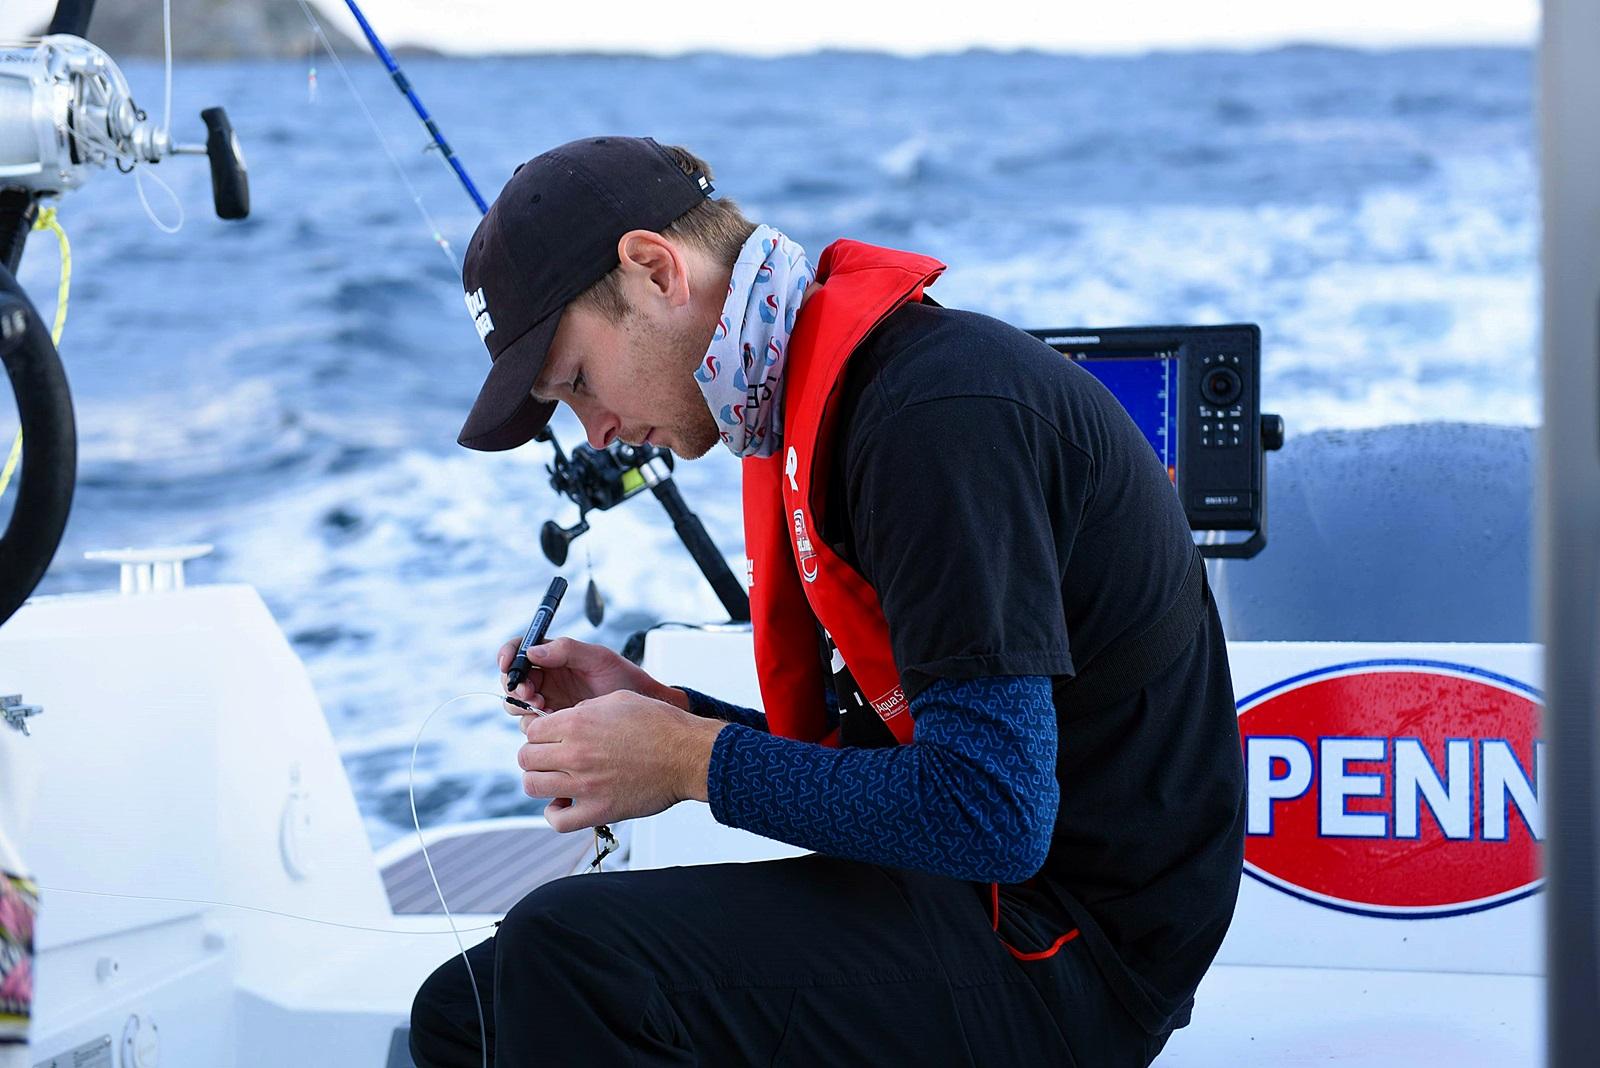 Hver nye fiskedag var det finjustering av utstyret